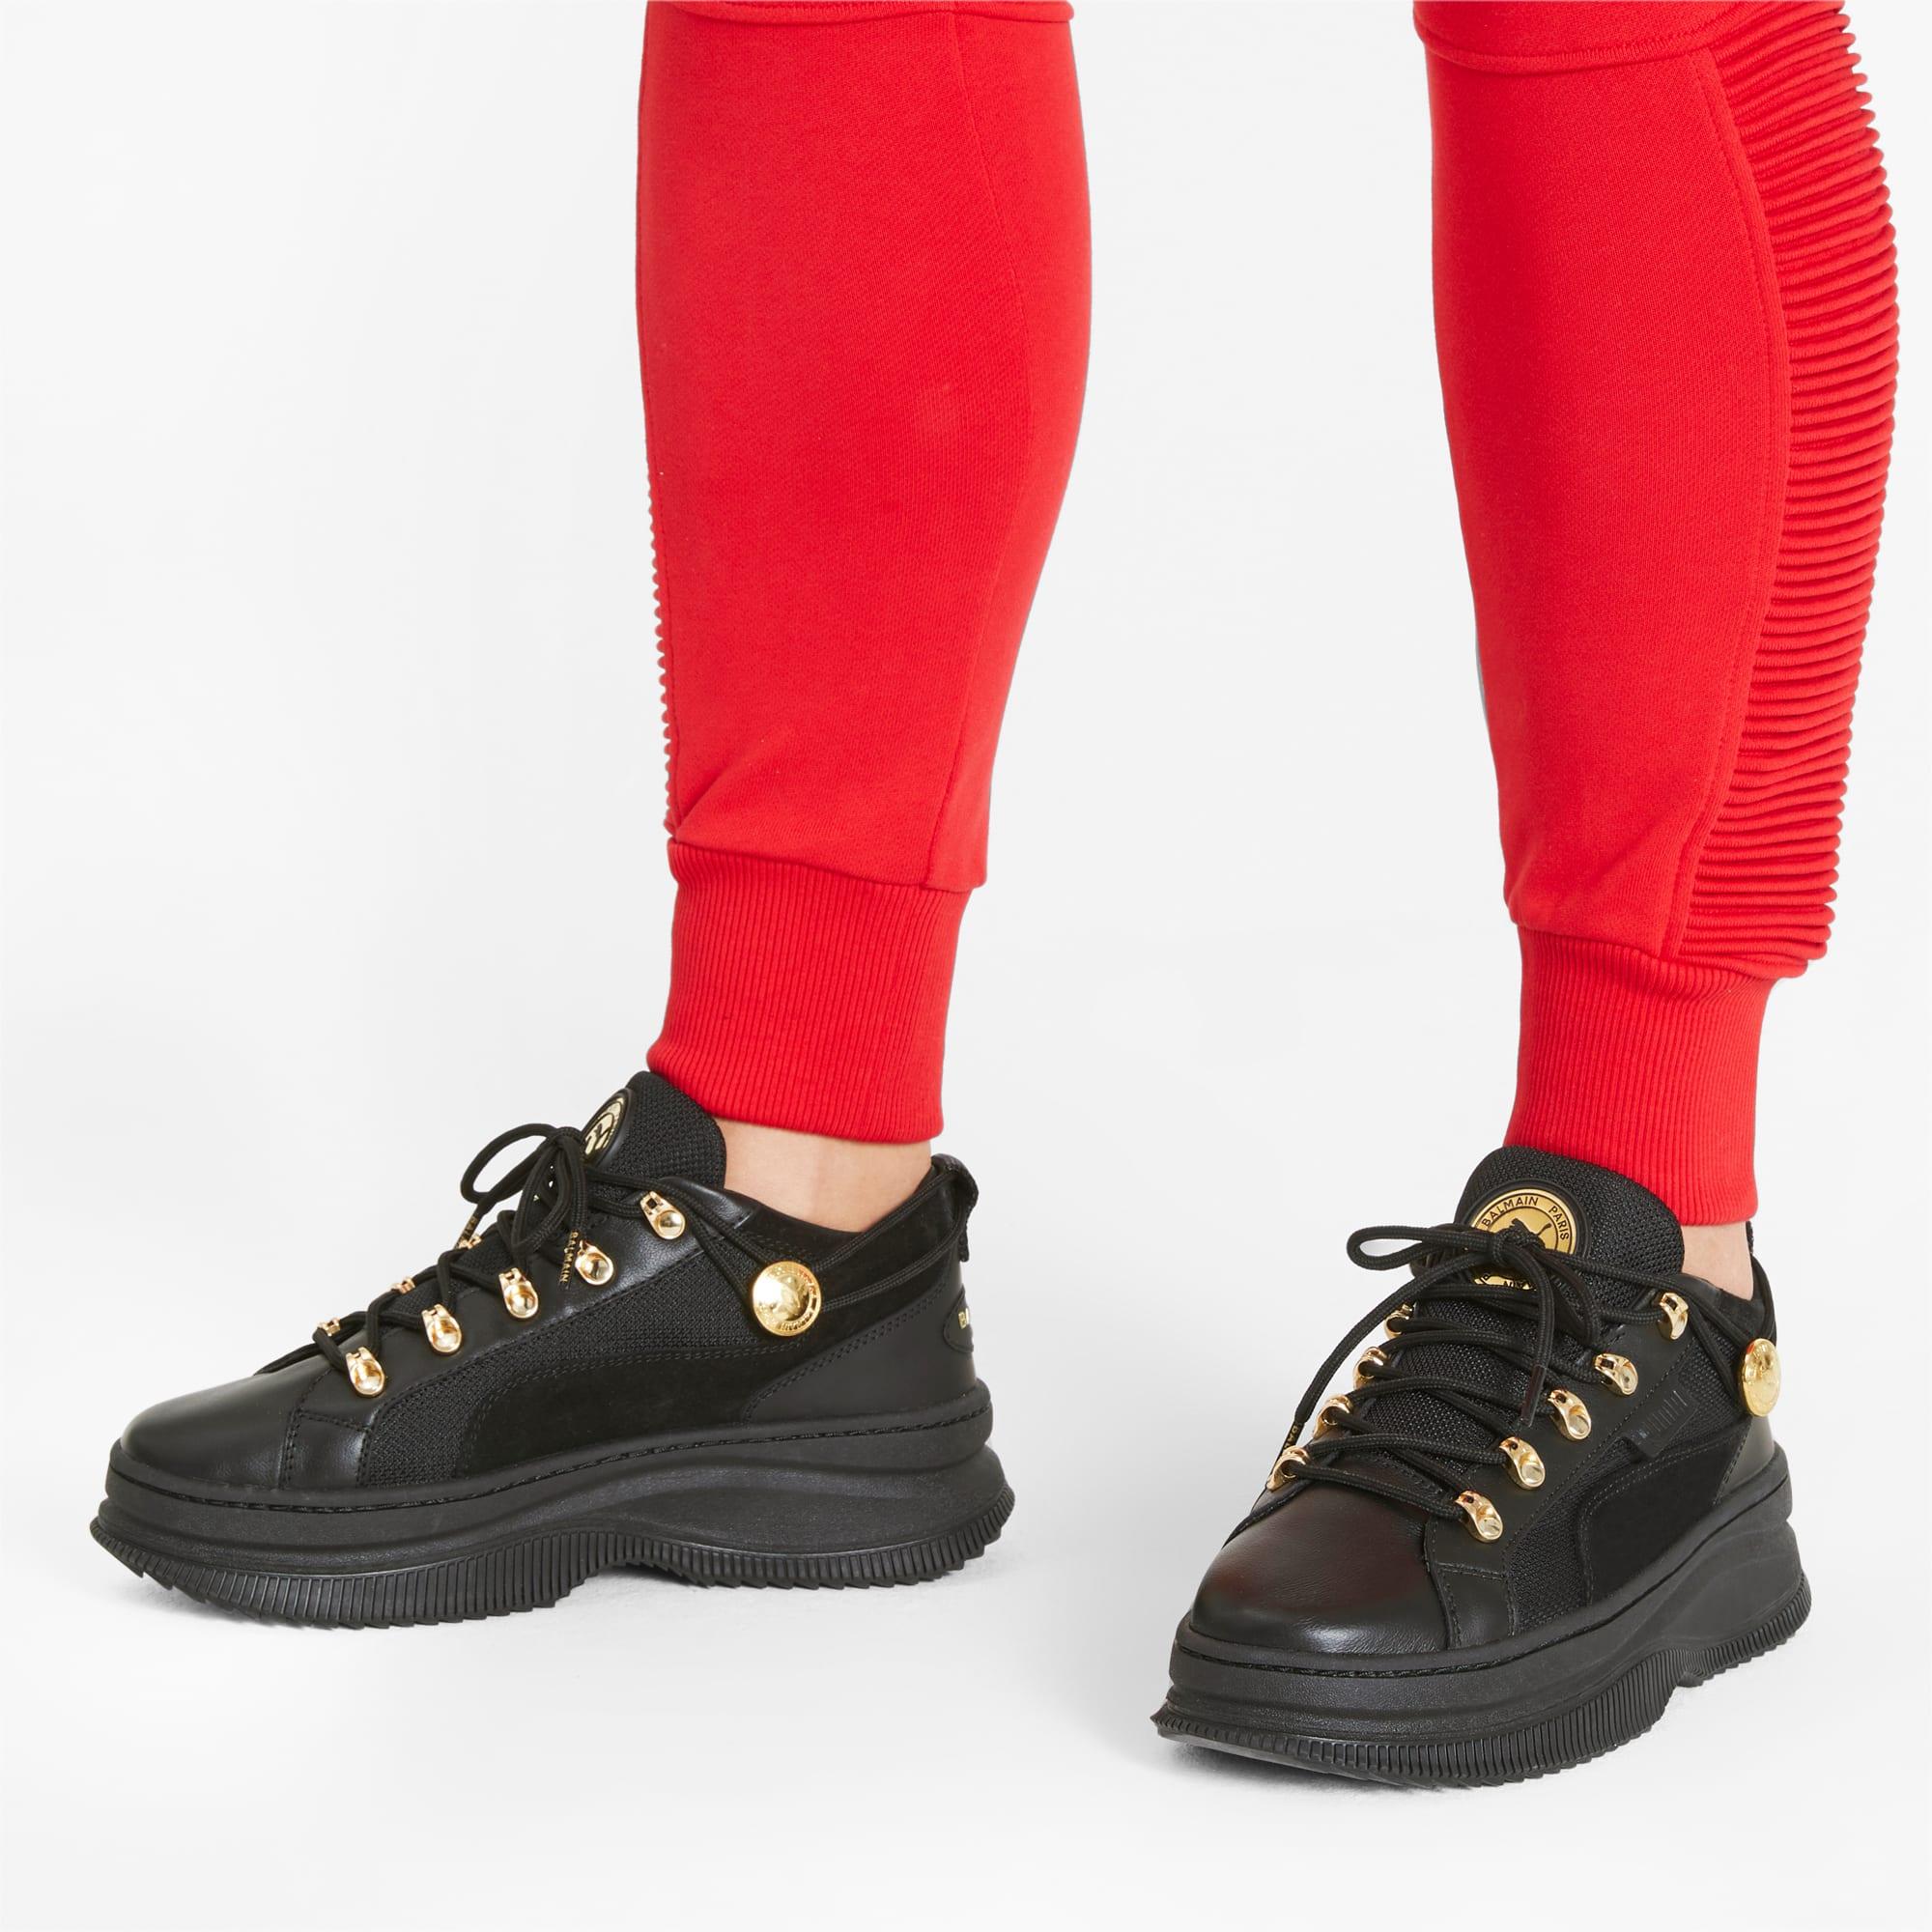 Damskie obuwie sportowe PUMA x BALMAIN DEVA